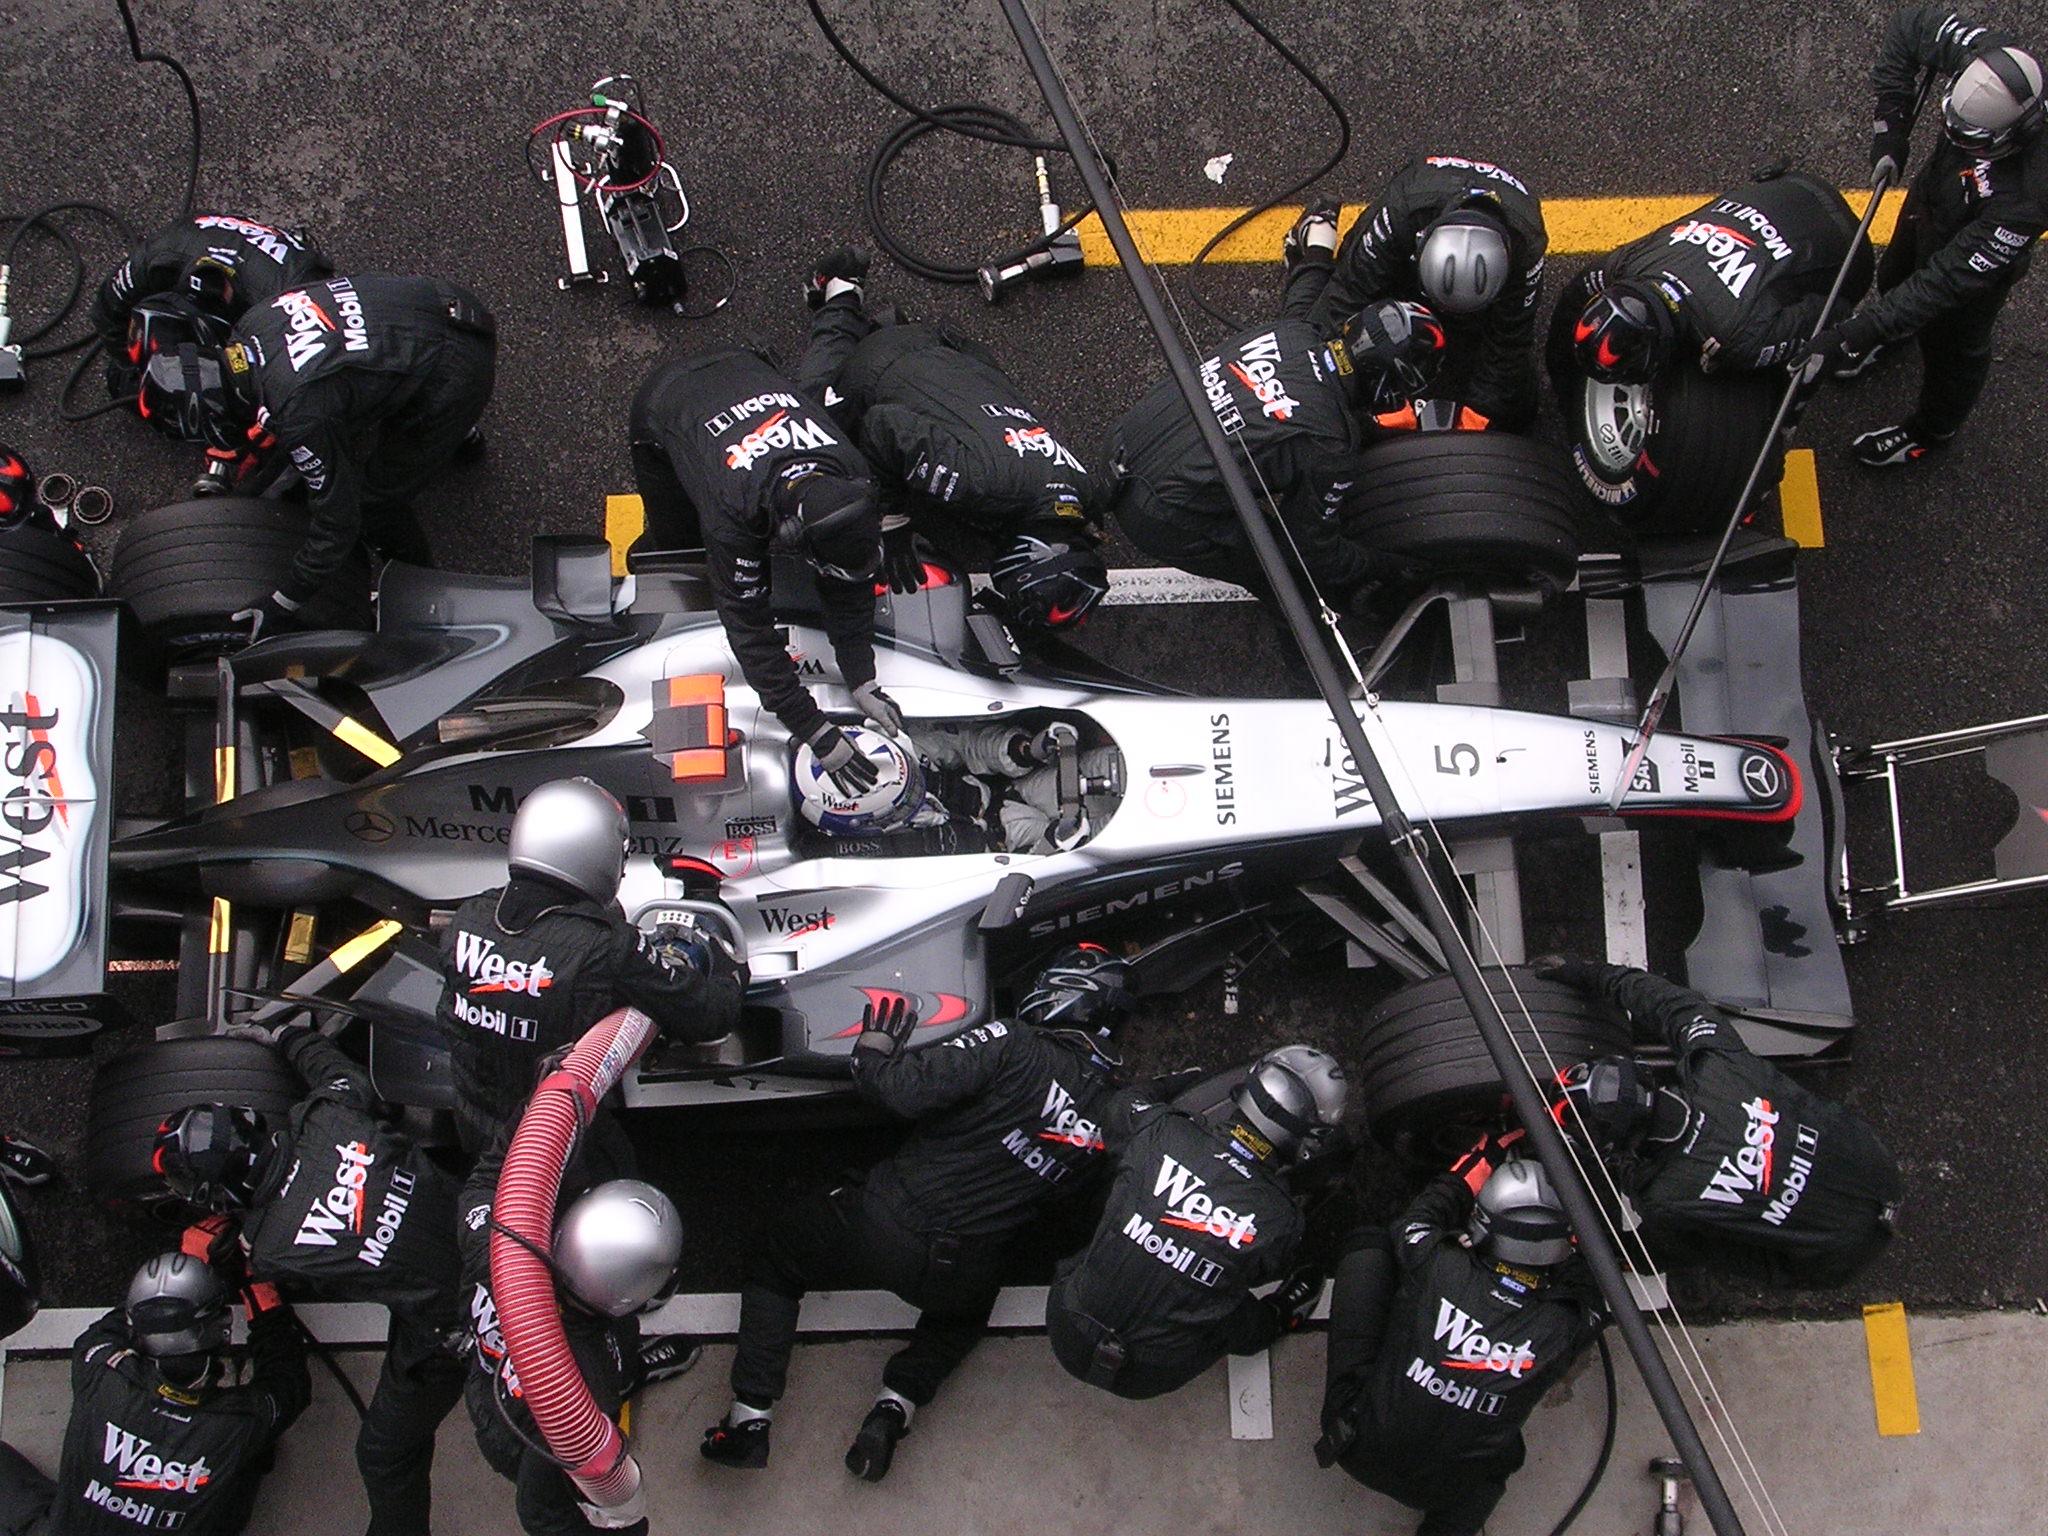 Fale_F1_Monza_2004_73.jpg